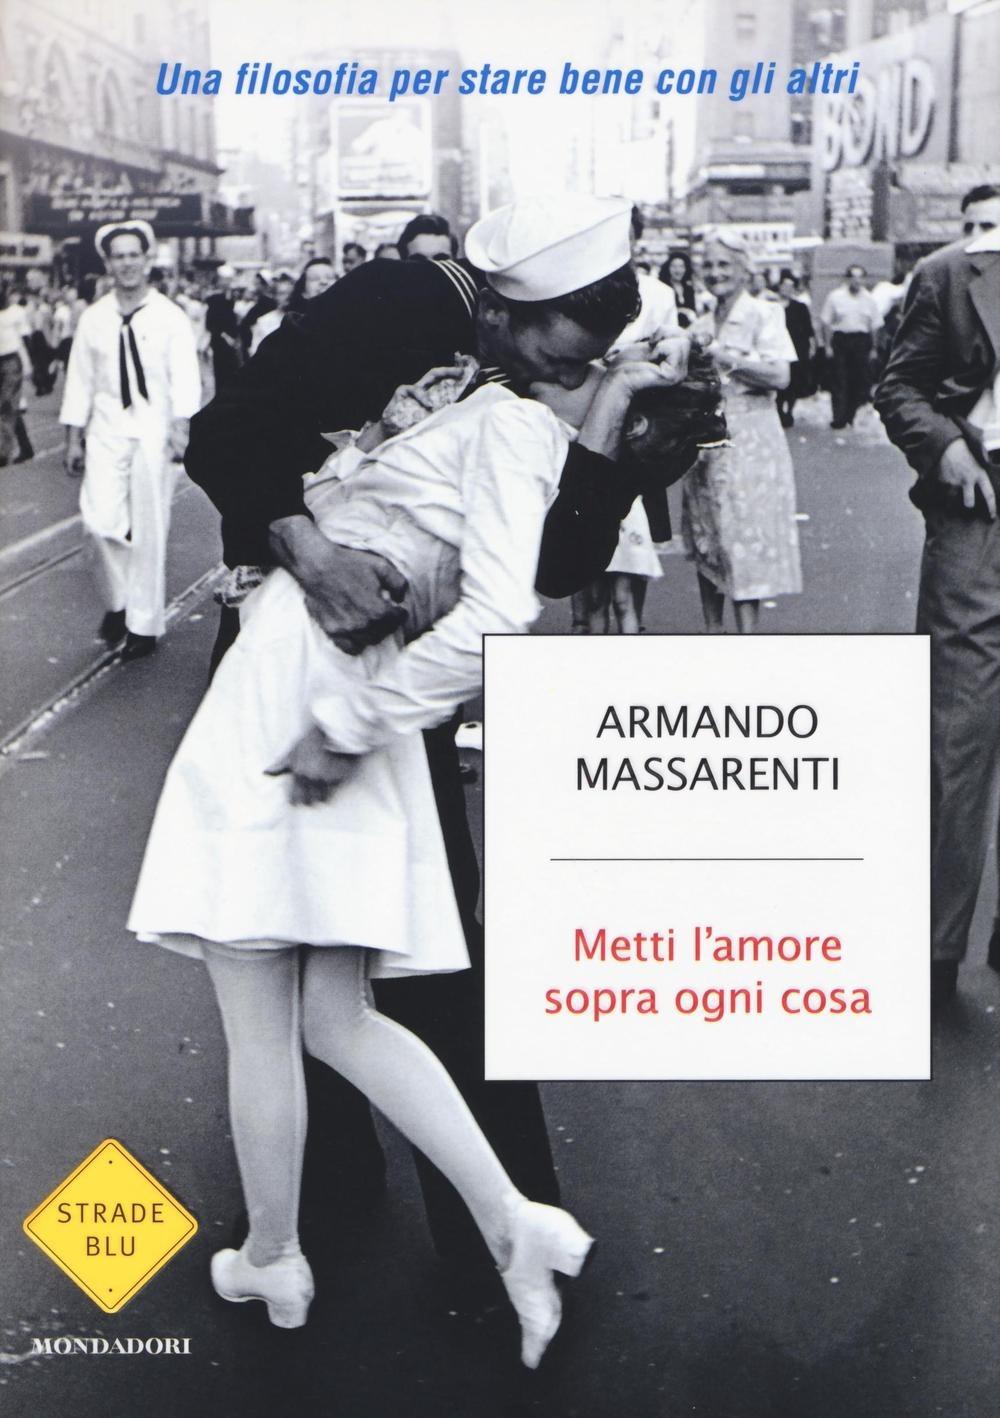 Armando Massarenti